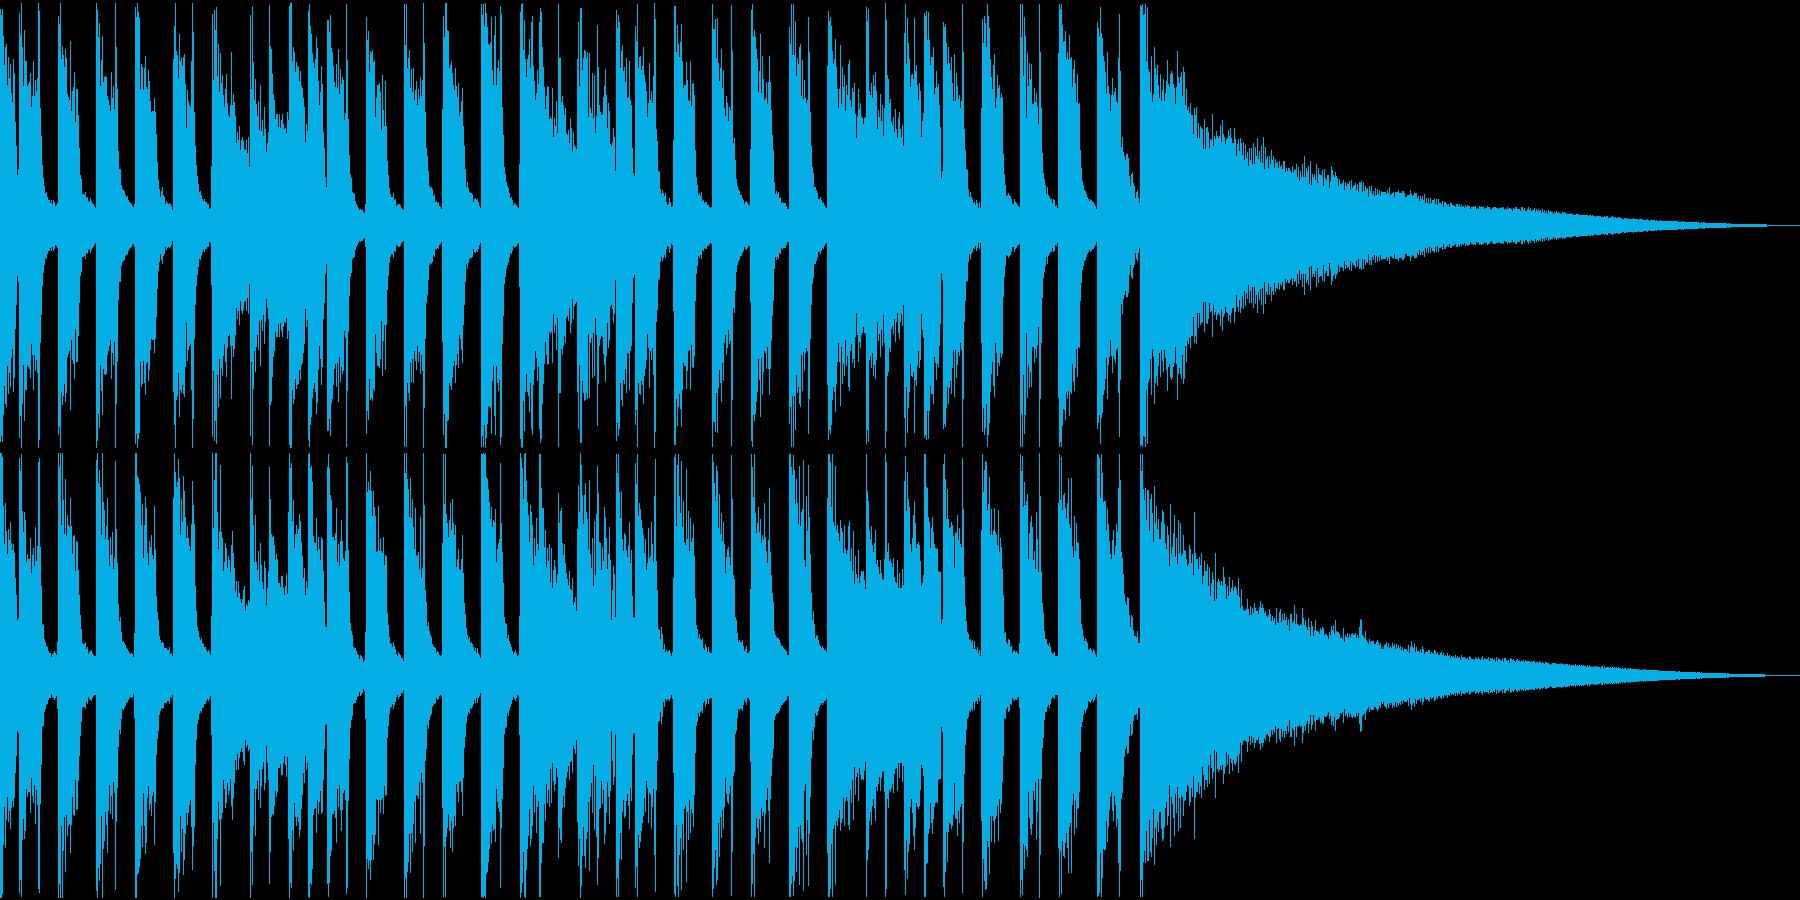 温かい雰囲気のアコギ主体のジングルの再生済みの波形